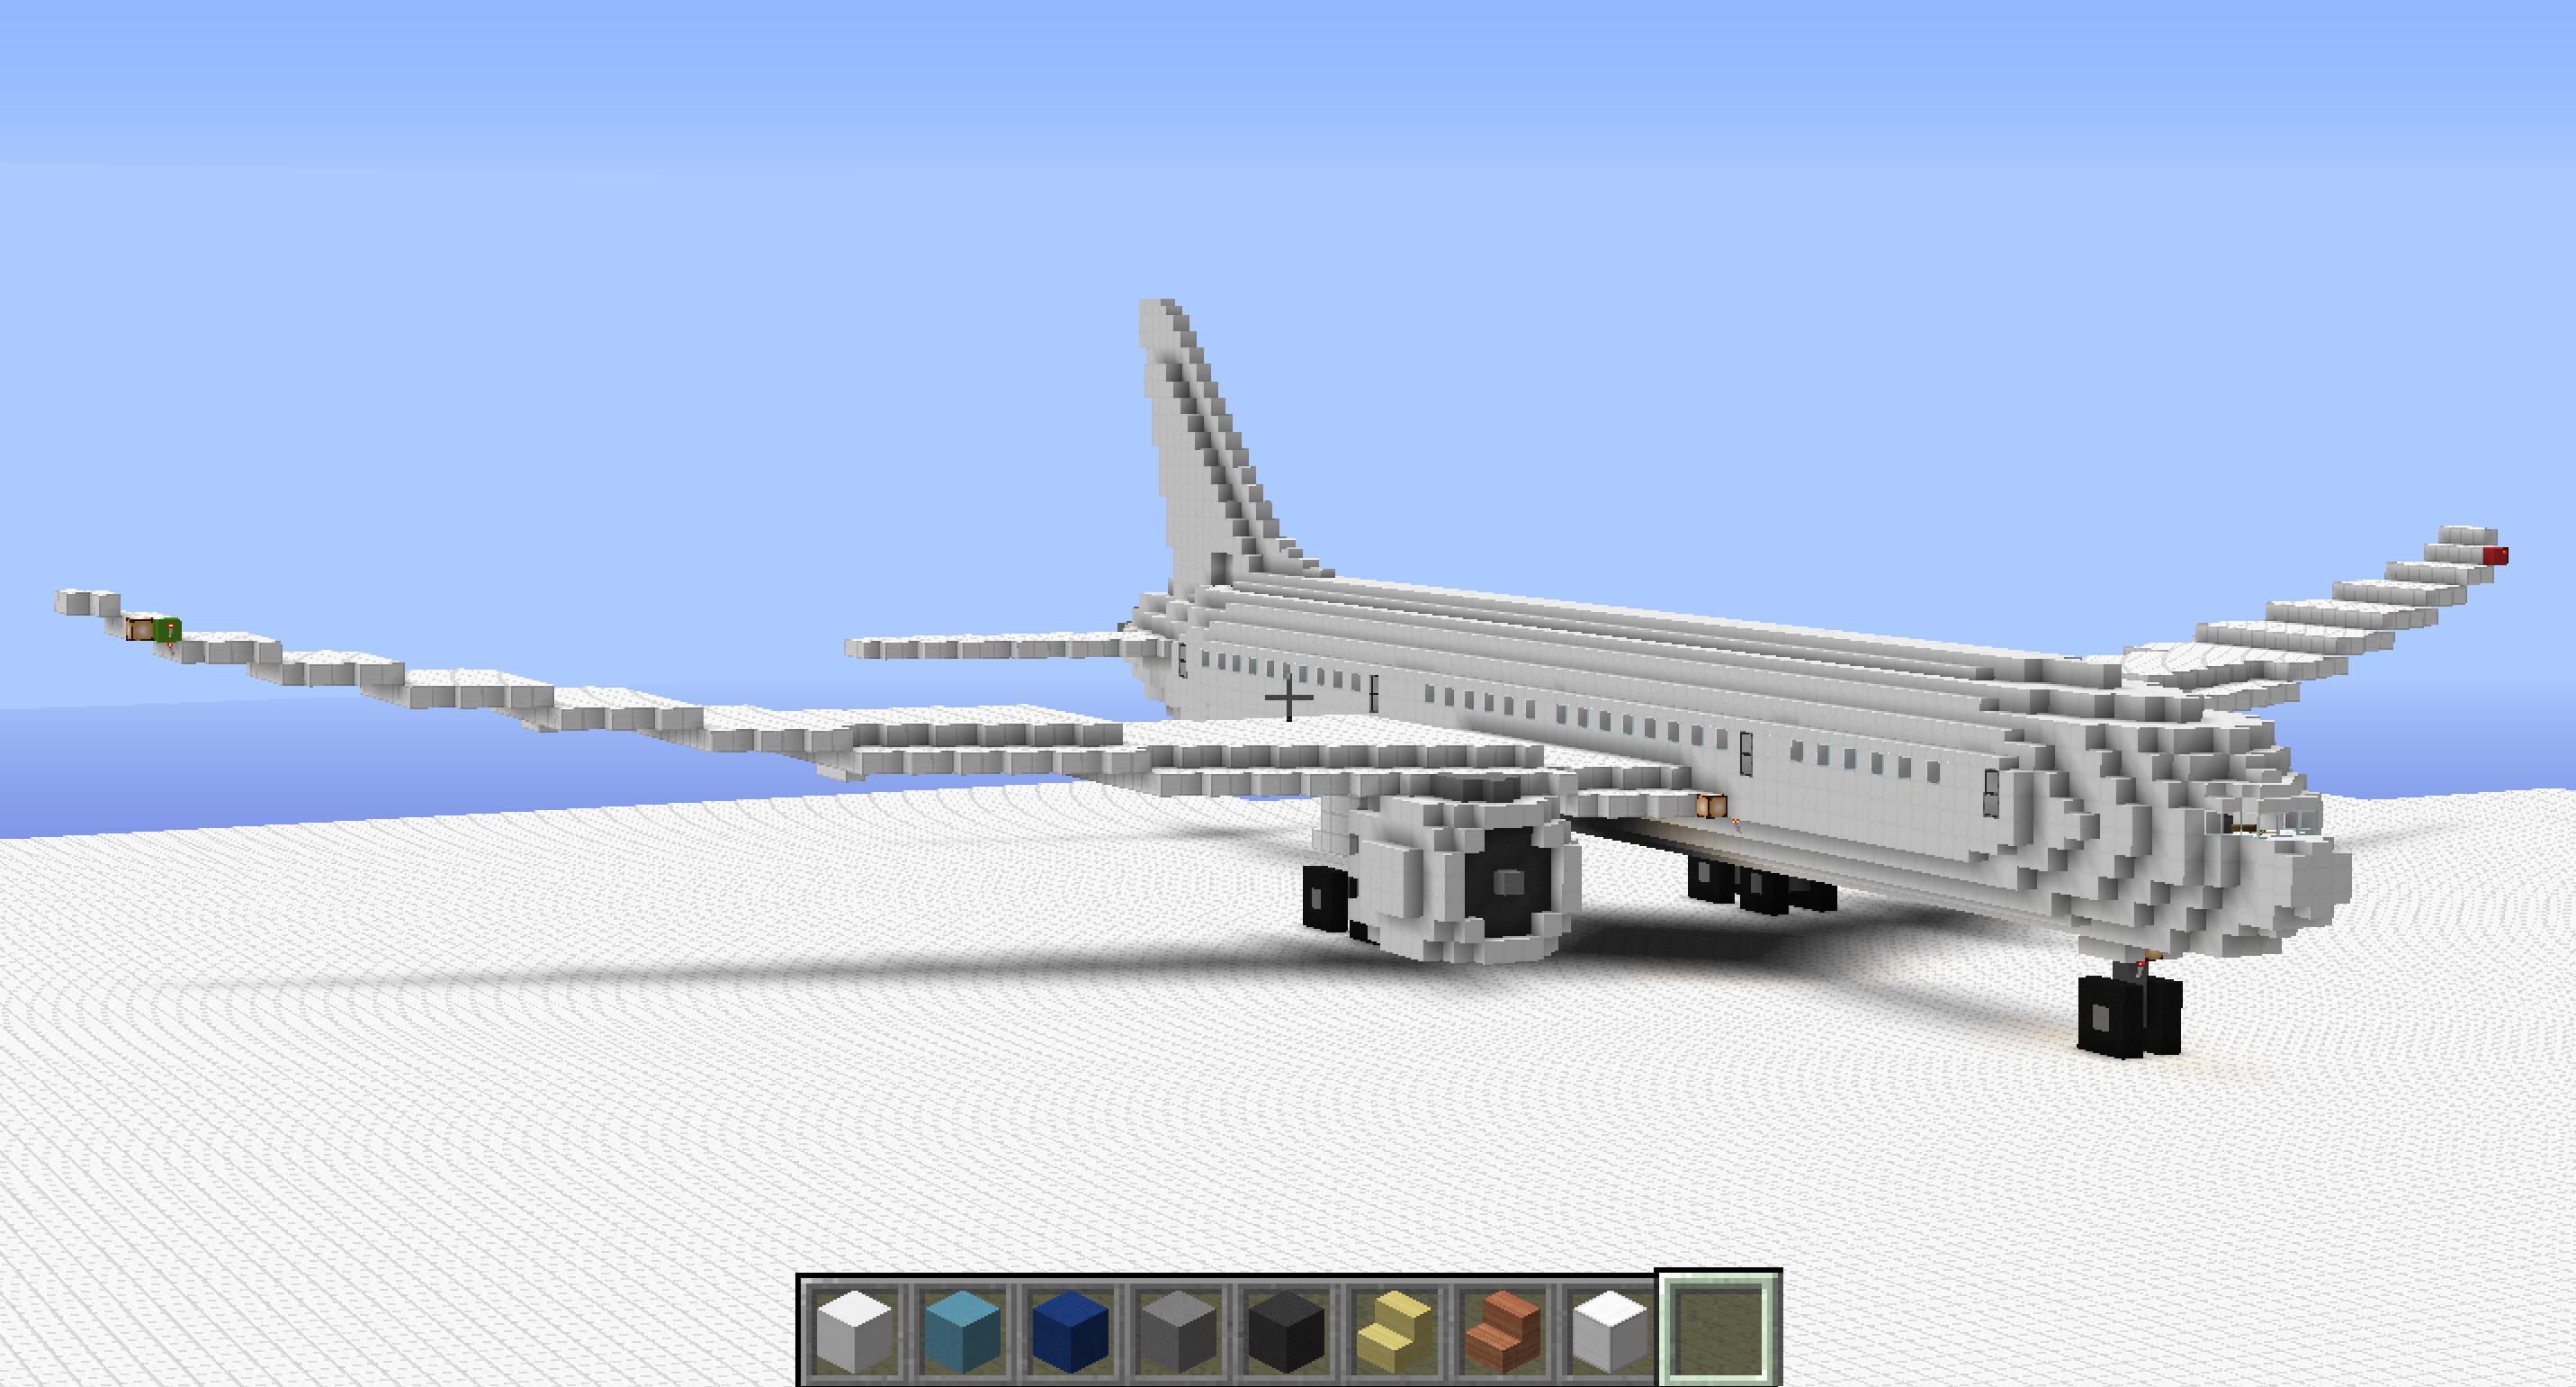 Building the 787 Dreamliner: a timeline